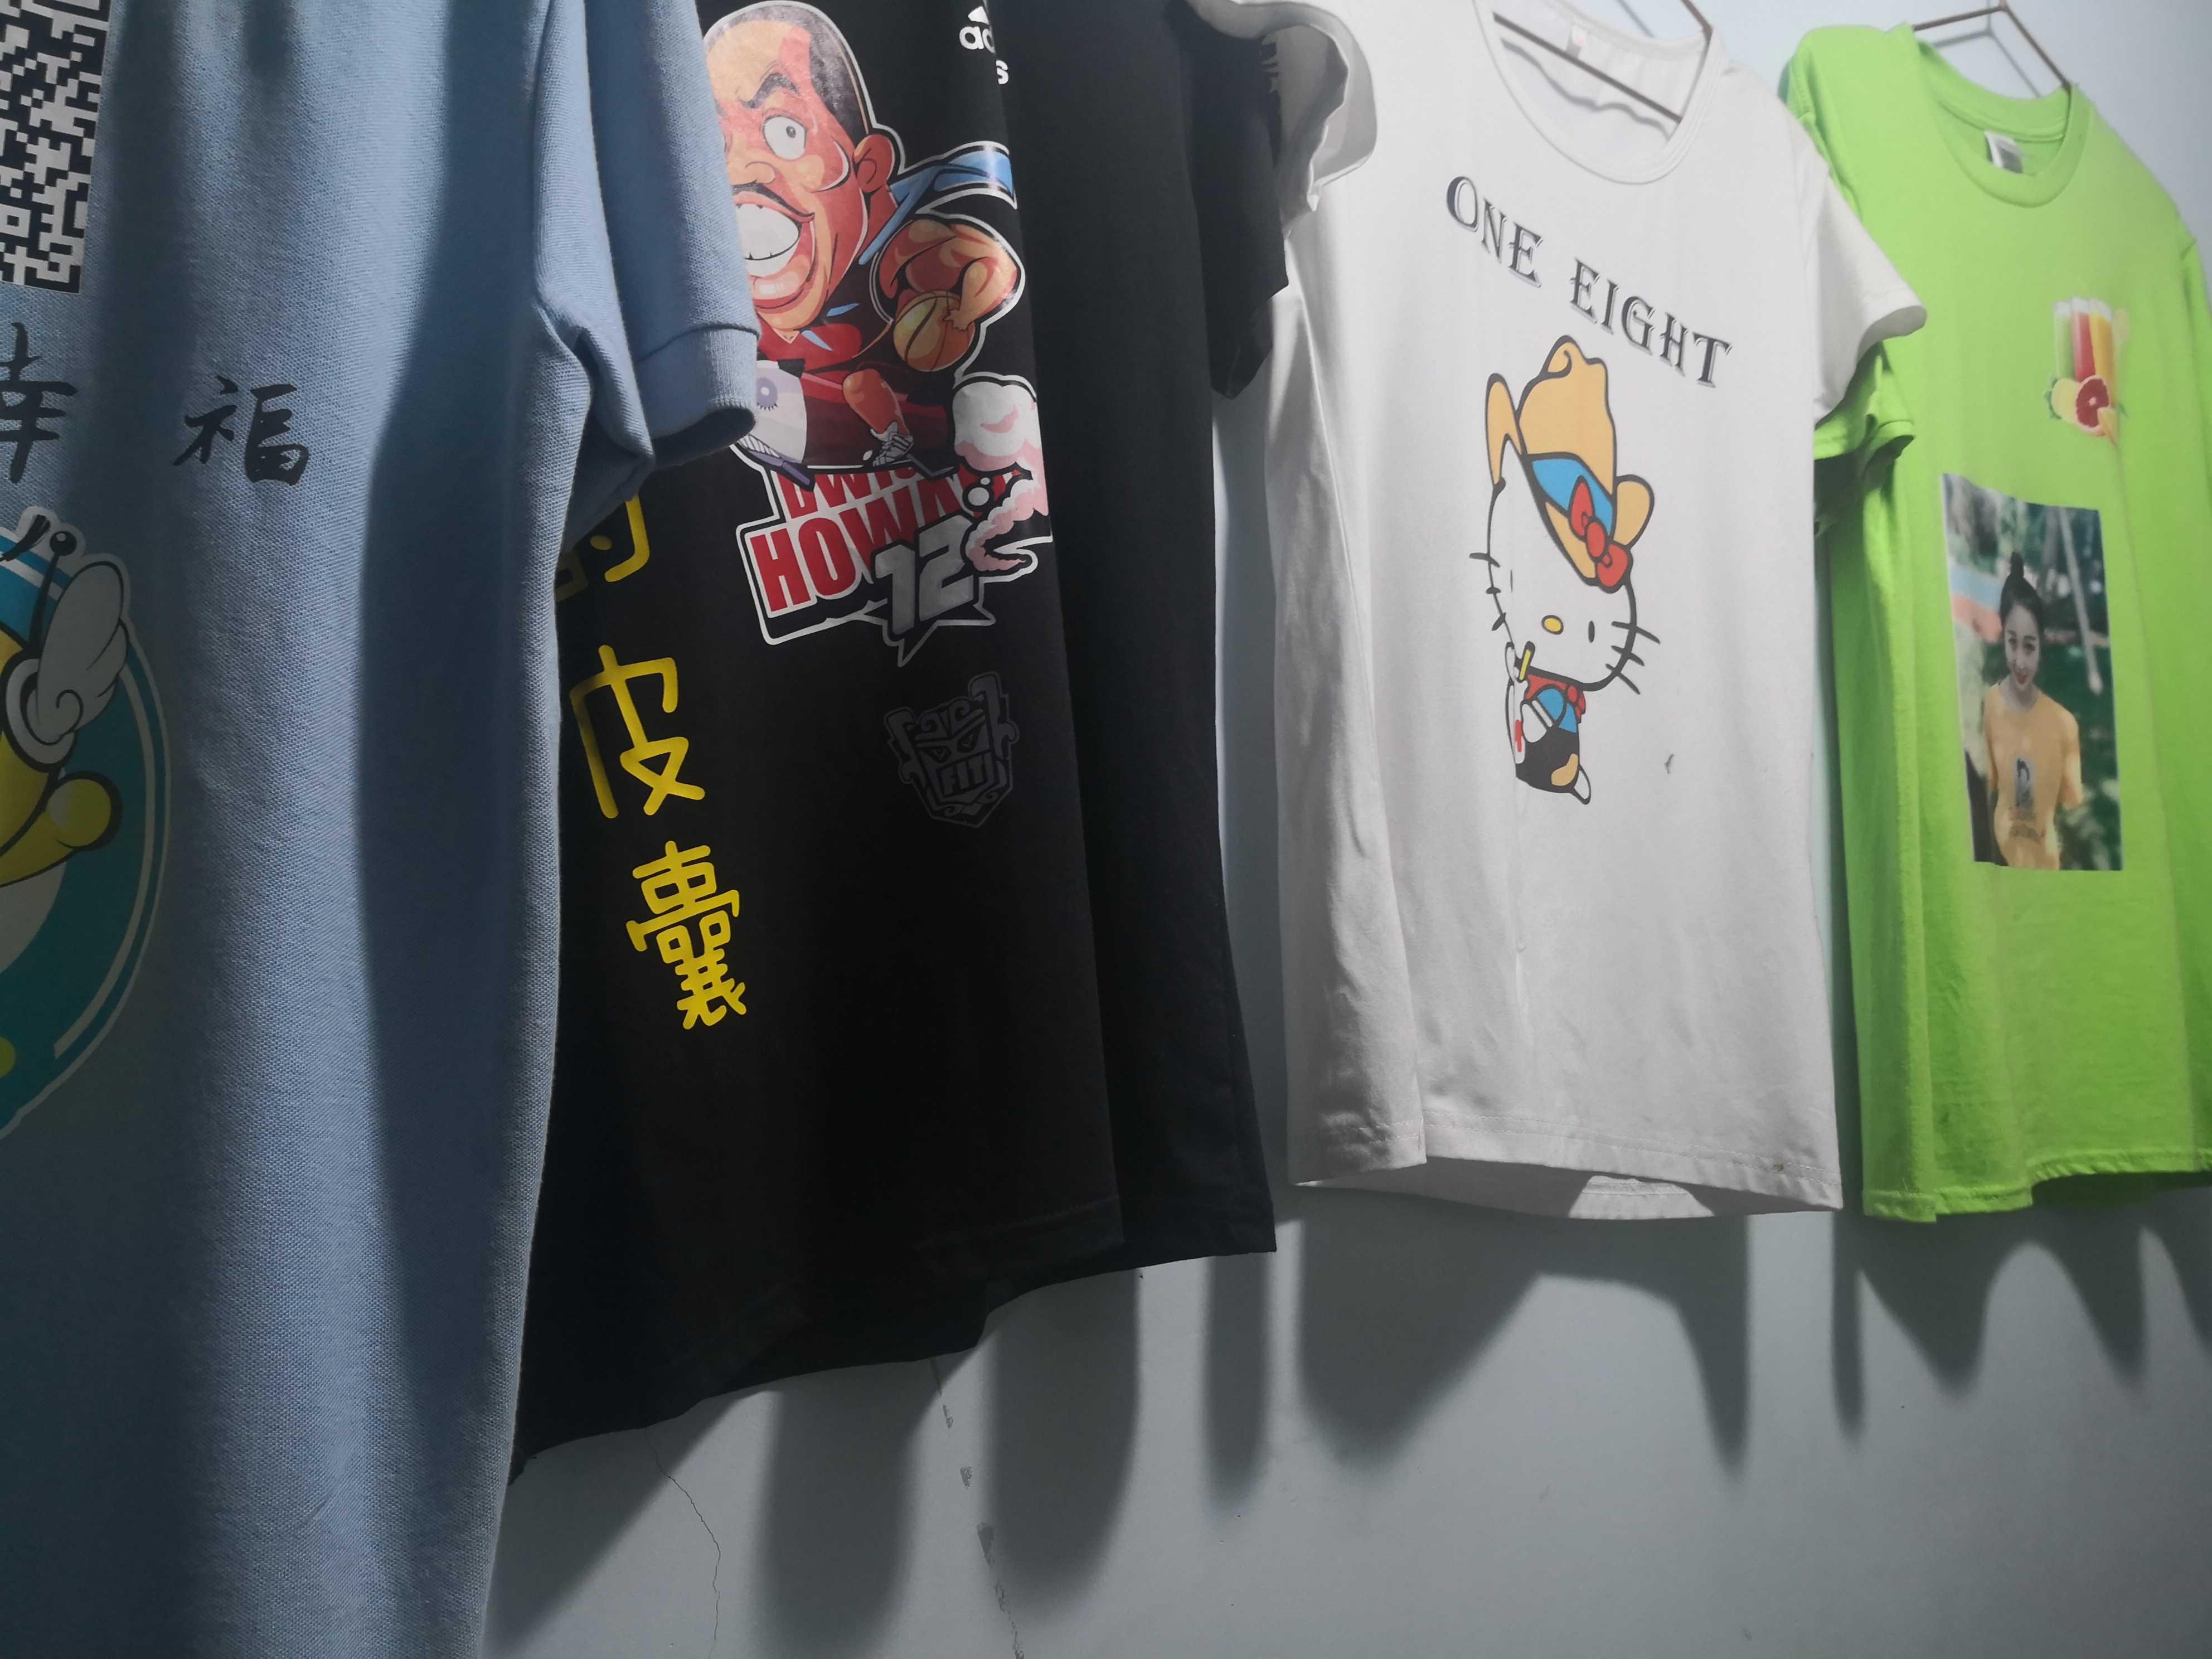 文化衫定制T恤定制 大码衣服定制 个性图案印刷私人订制T恤短袖